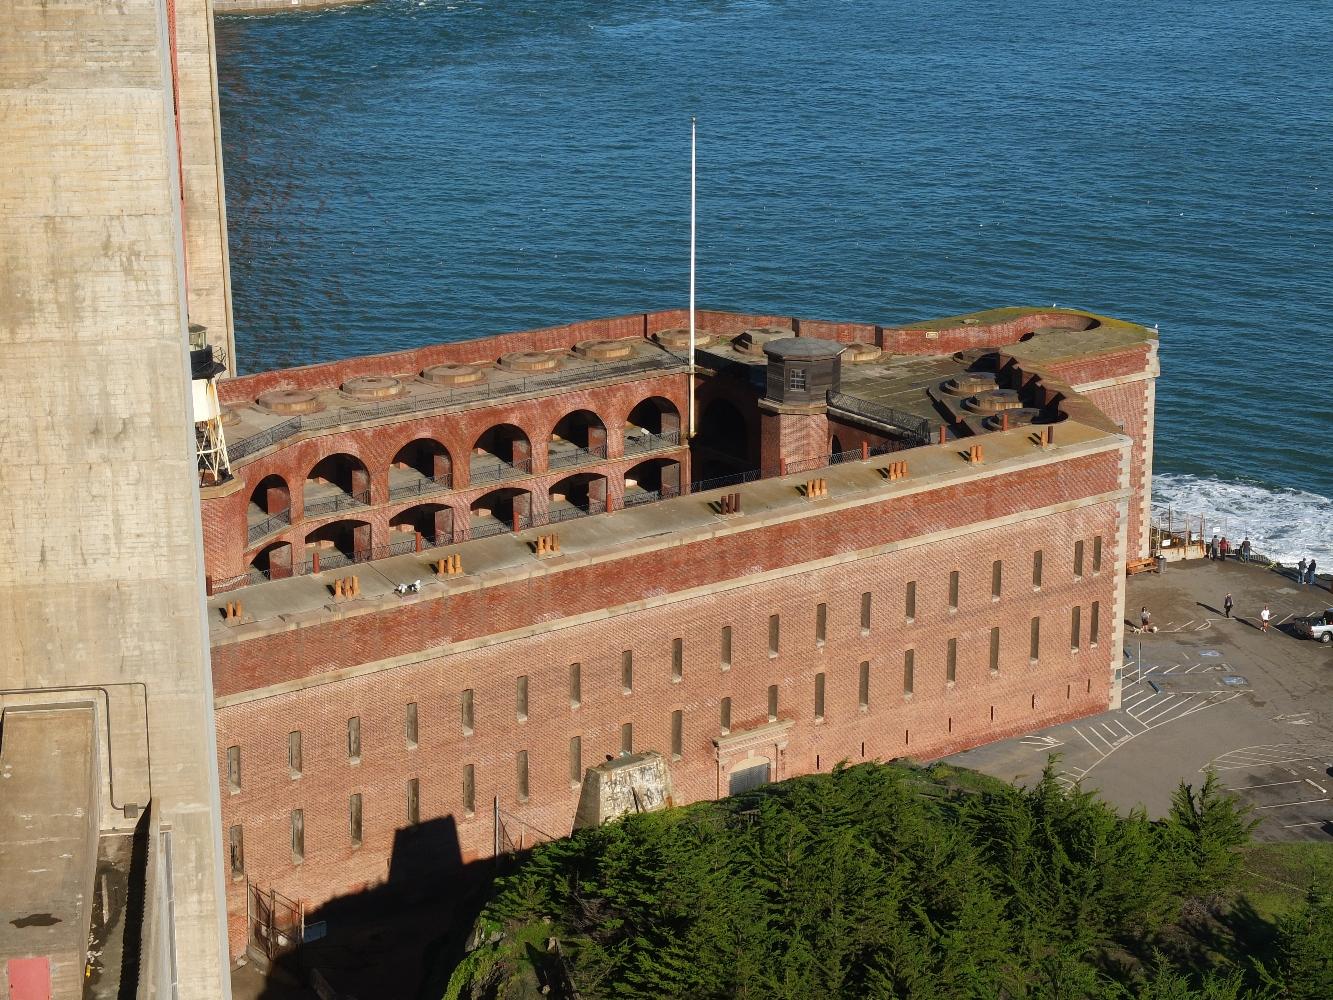 En 1959, un groupe d'anciens militaires et d'ingénieurs civils a créé la « Fort Point Museum Association » et œuvré pour que Fort Point soit déclaré « National Historic Site », ce qui a été acté le 16 octobre 1970. Fort Point est aujourd'hui administré par le « National Park Service ».